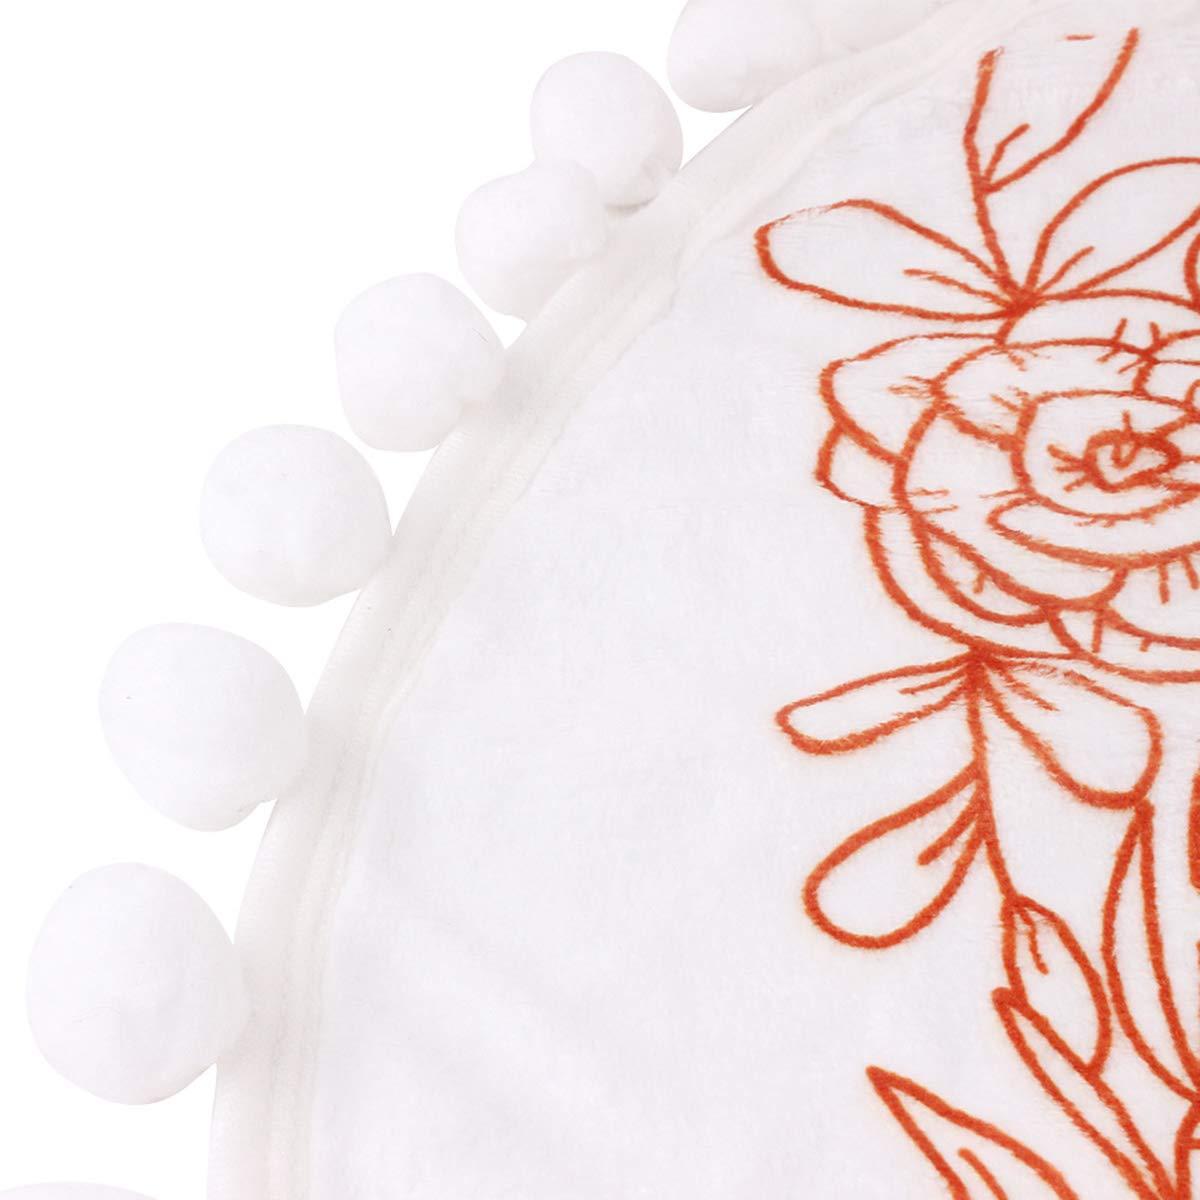 DaMohony Baby Monatliche Meilenstein-Decke Baby-Fotografie-Requisiten f/ür Neugeborene Babyparty Geschenke weicher Flanell-Pom-Ball runder Hintergrund Decke mit Rahmen